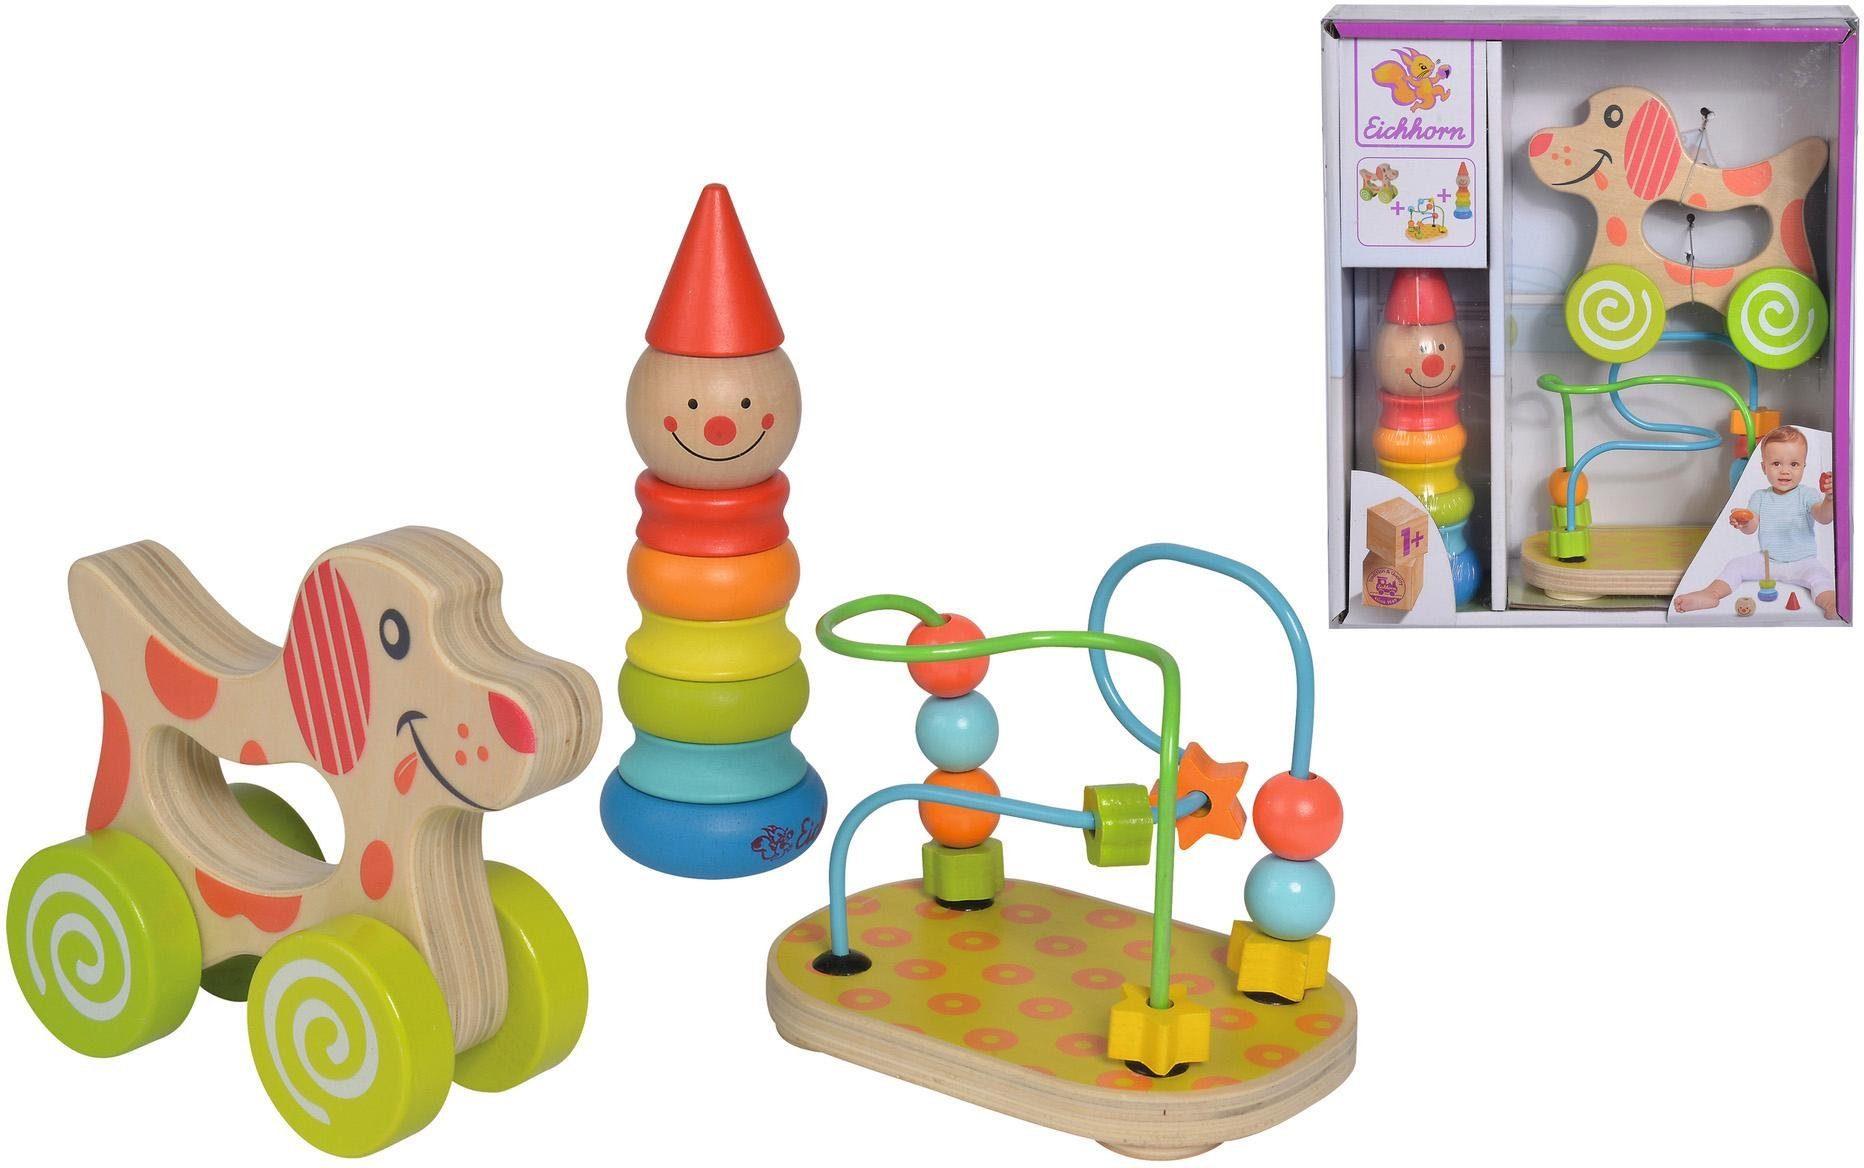 Eichhorn Lernspielzeug Lernspielset (Set 3-tlg) Kindermode/Spielzeug/Lernspielzeug/Lernspiele